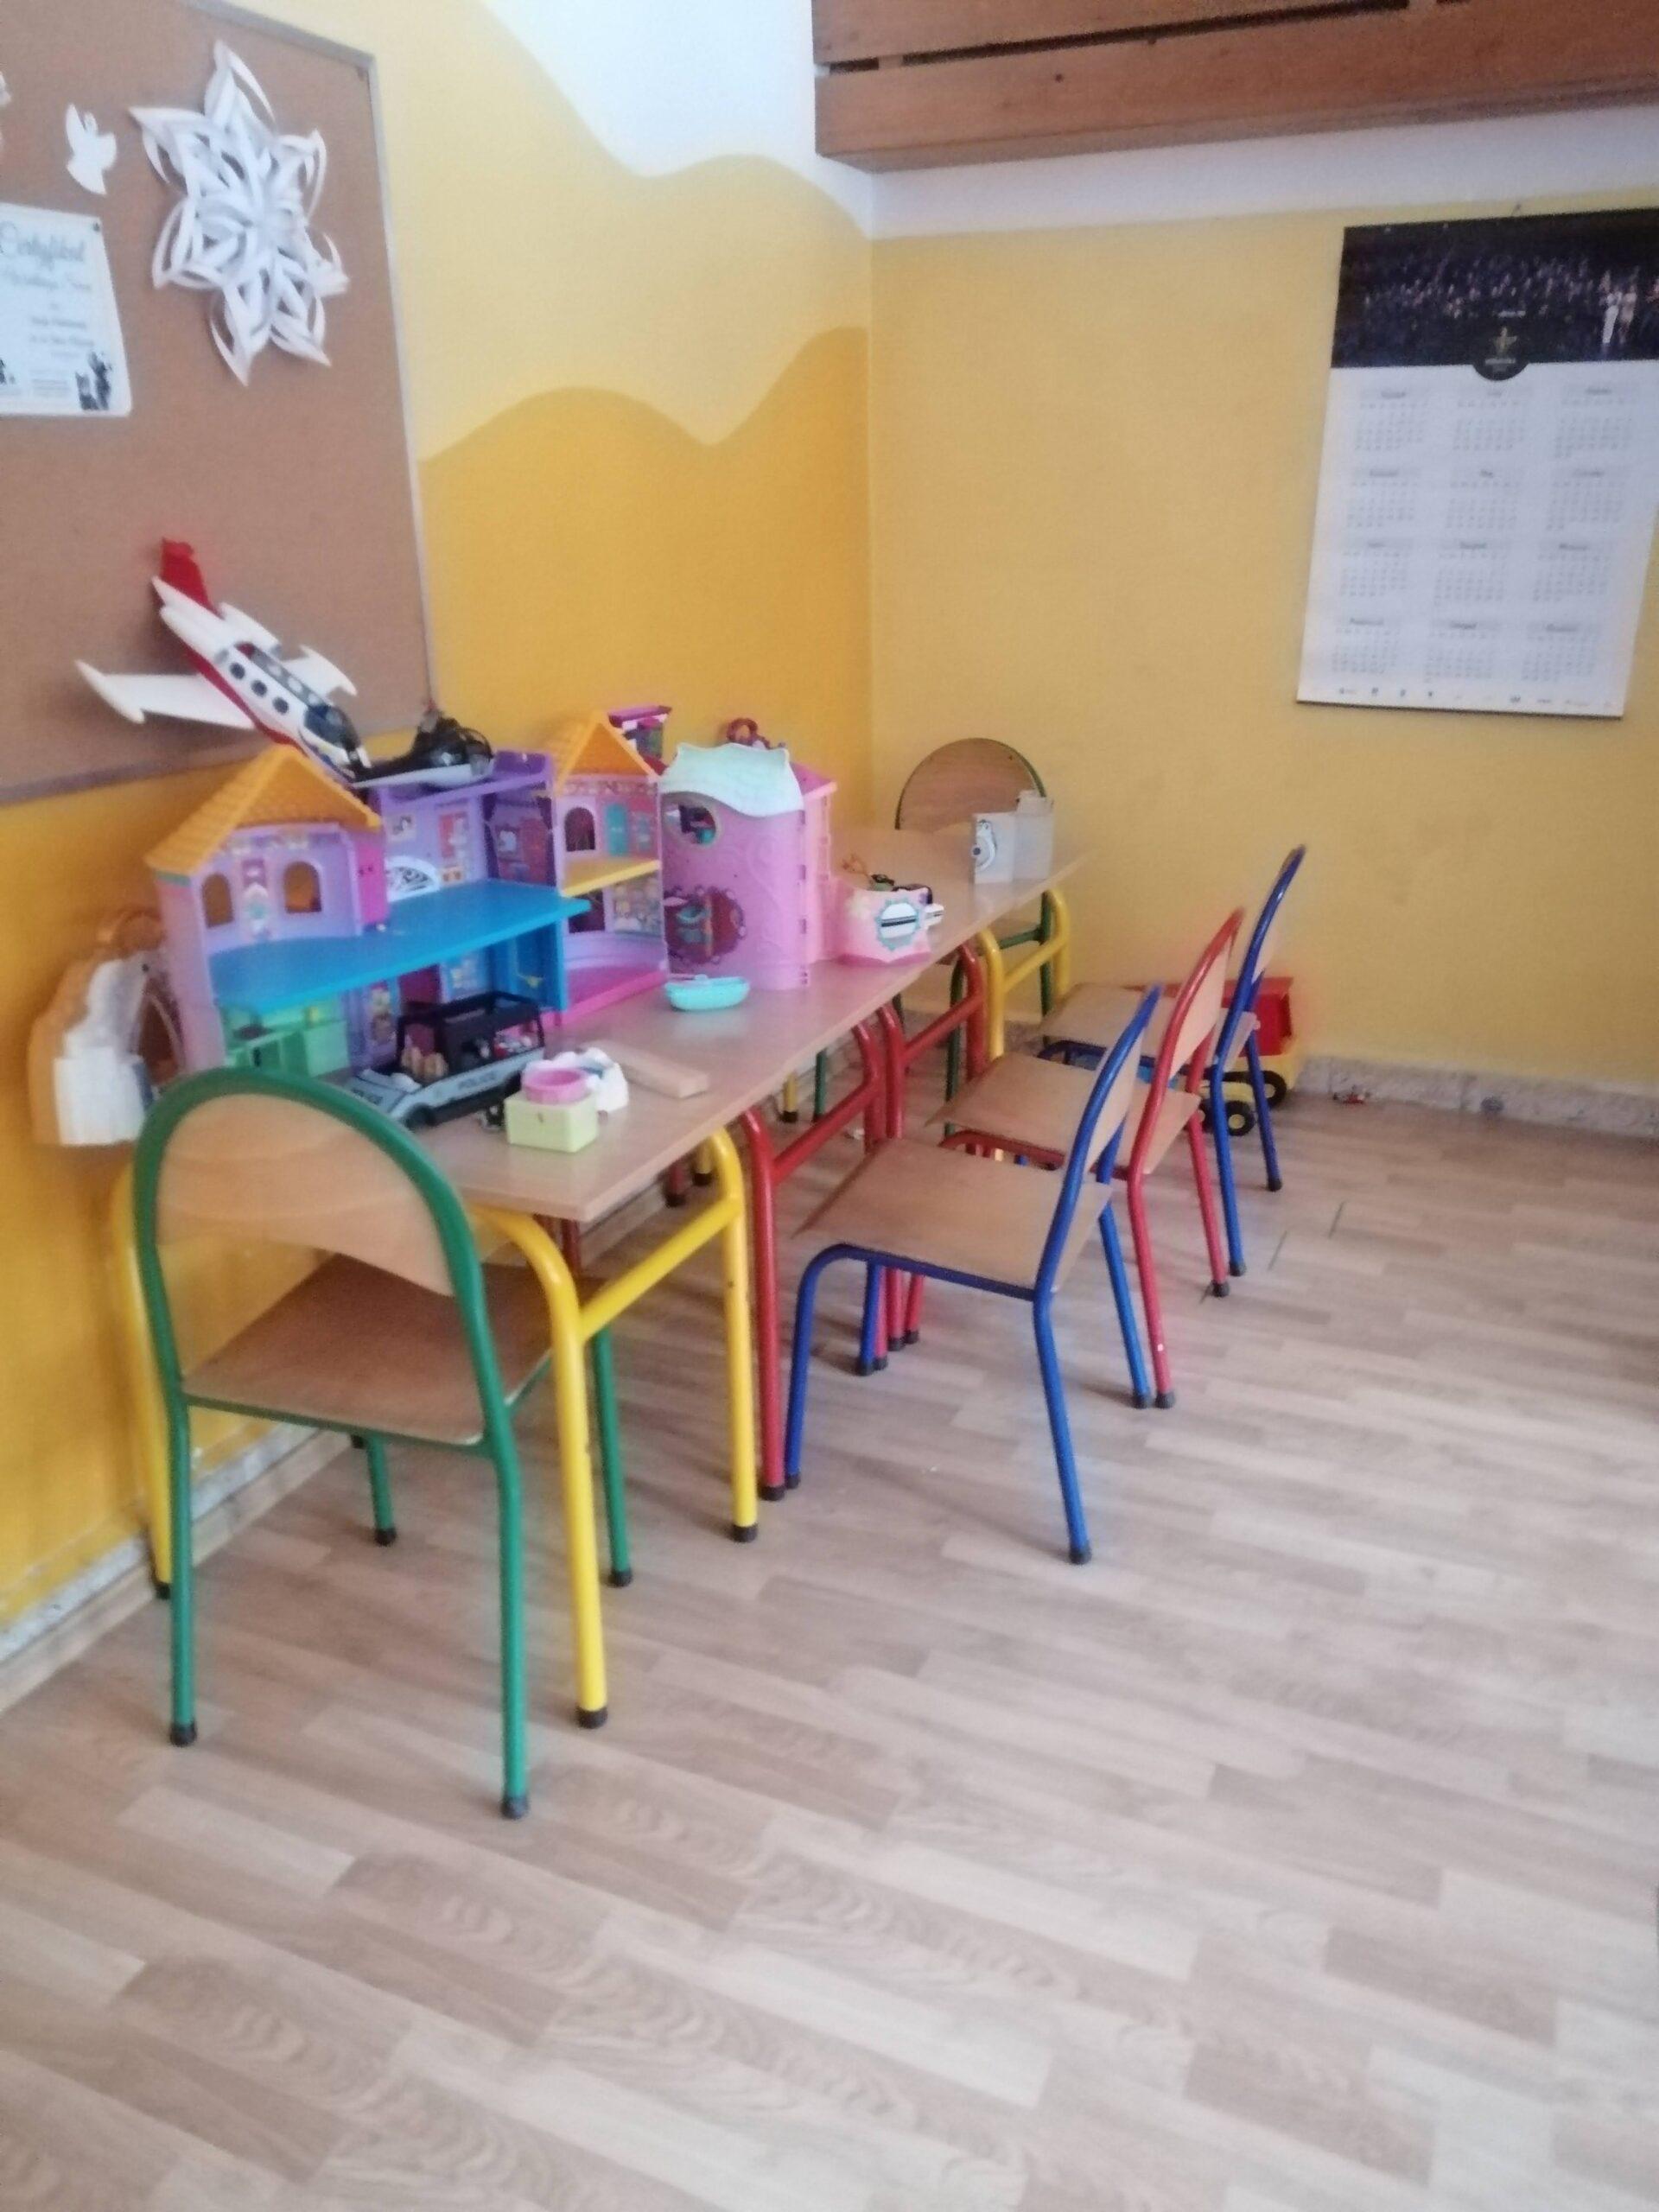 klasa dla najmłodszych uczniów. na małym stoliku domek dla lalek